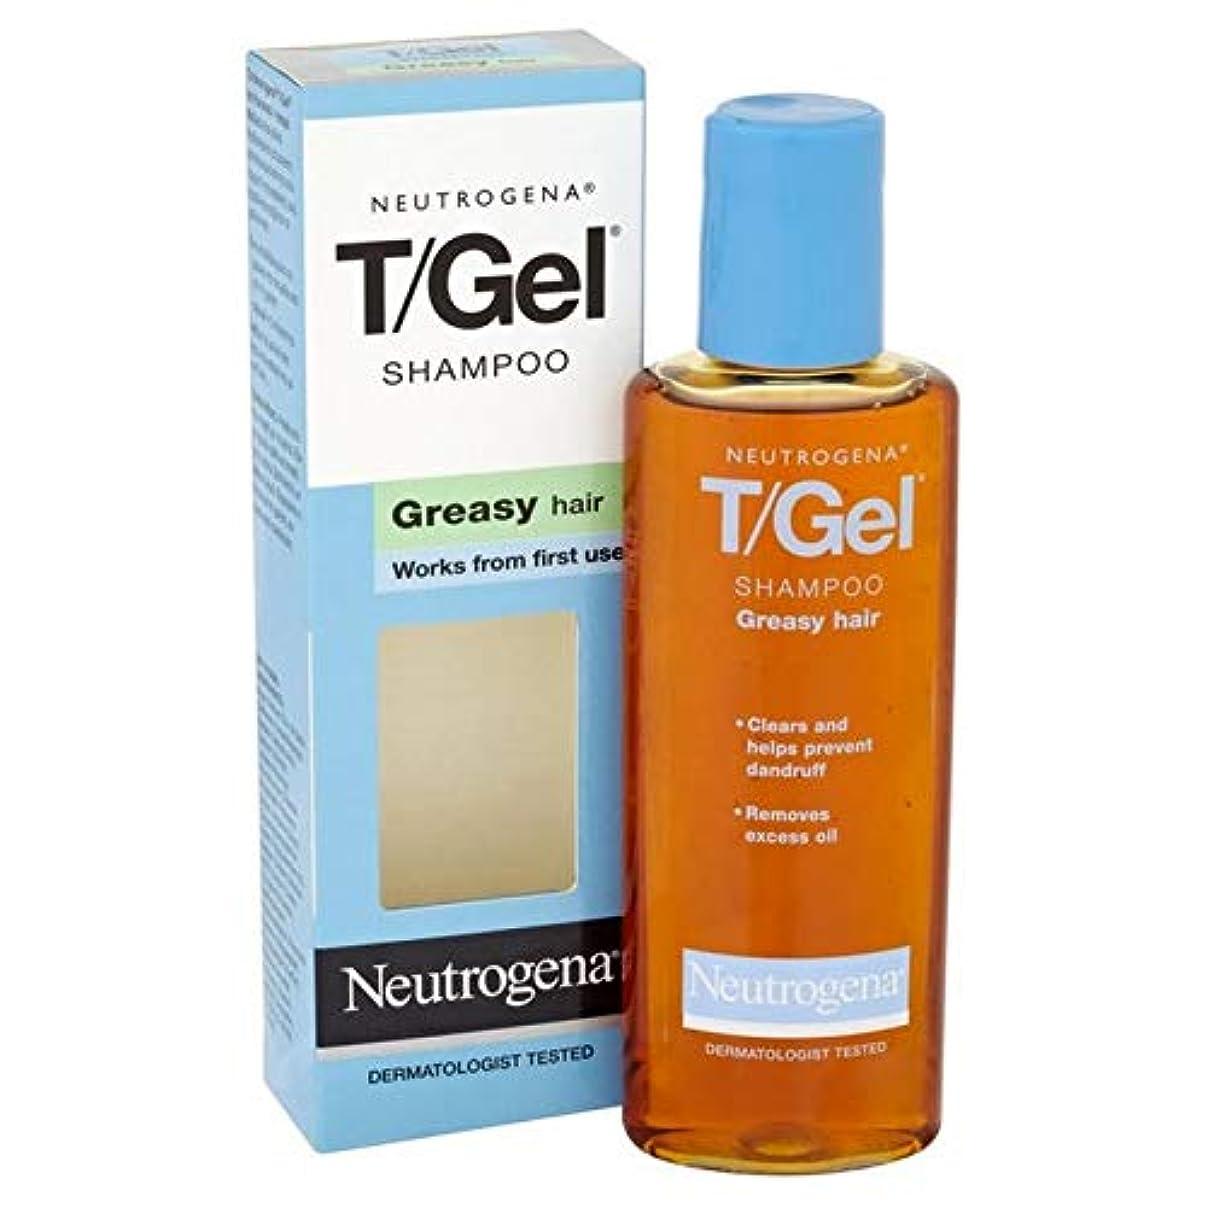 寺院かび臭い割り当てます[Neutrogena ] 脂ぎった髪の125ミリリットルのためのニュートロジーナトン/ゲルシャンプー - Neutrogena T/Gel Shampoo for Greasy Hair 125ml [並行輸入品]